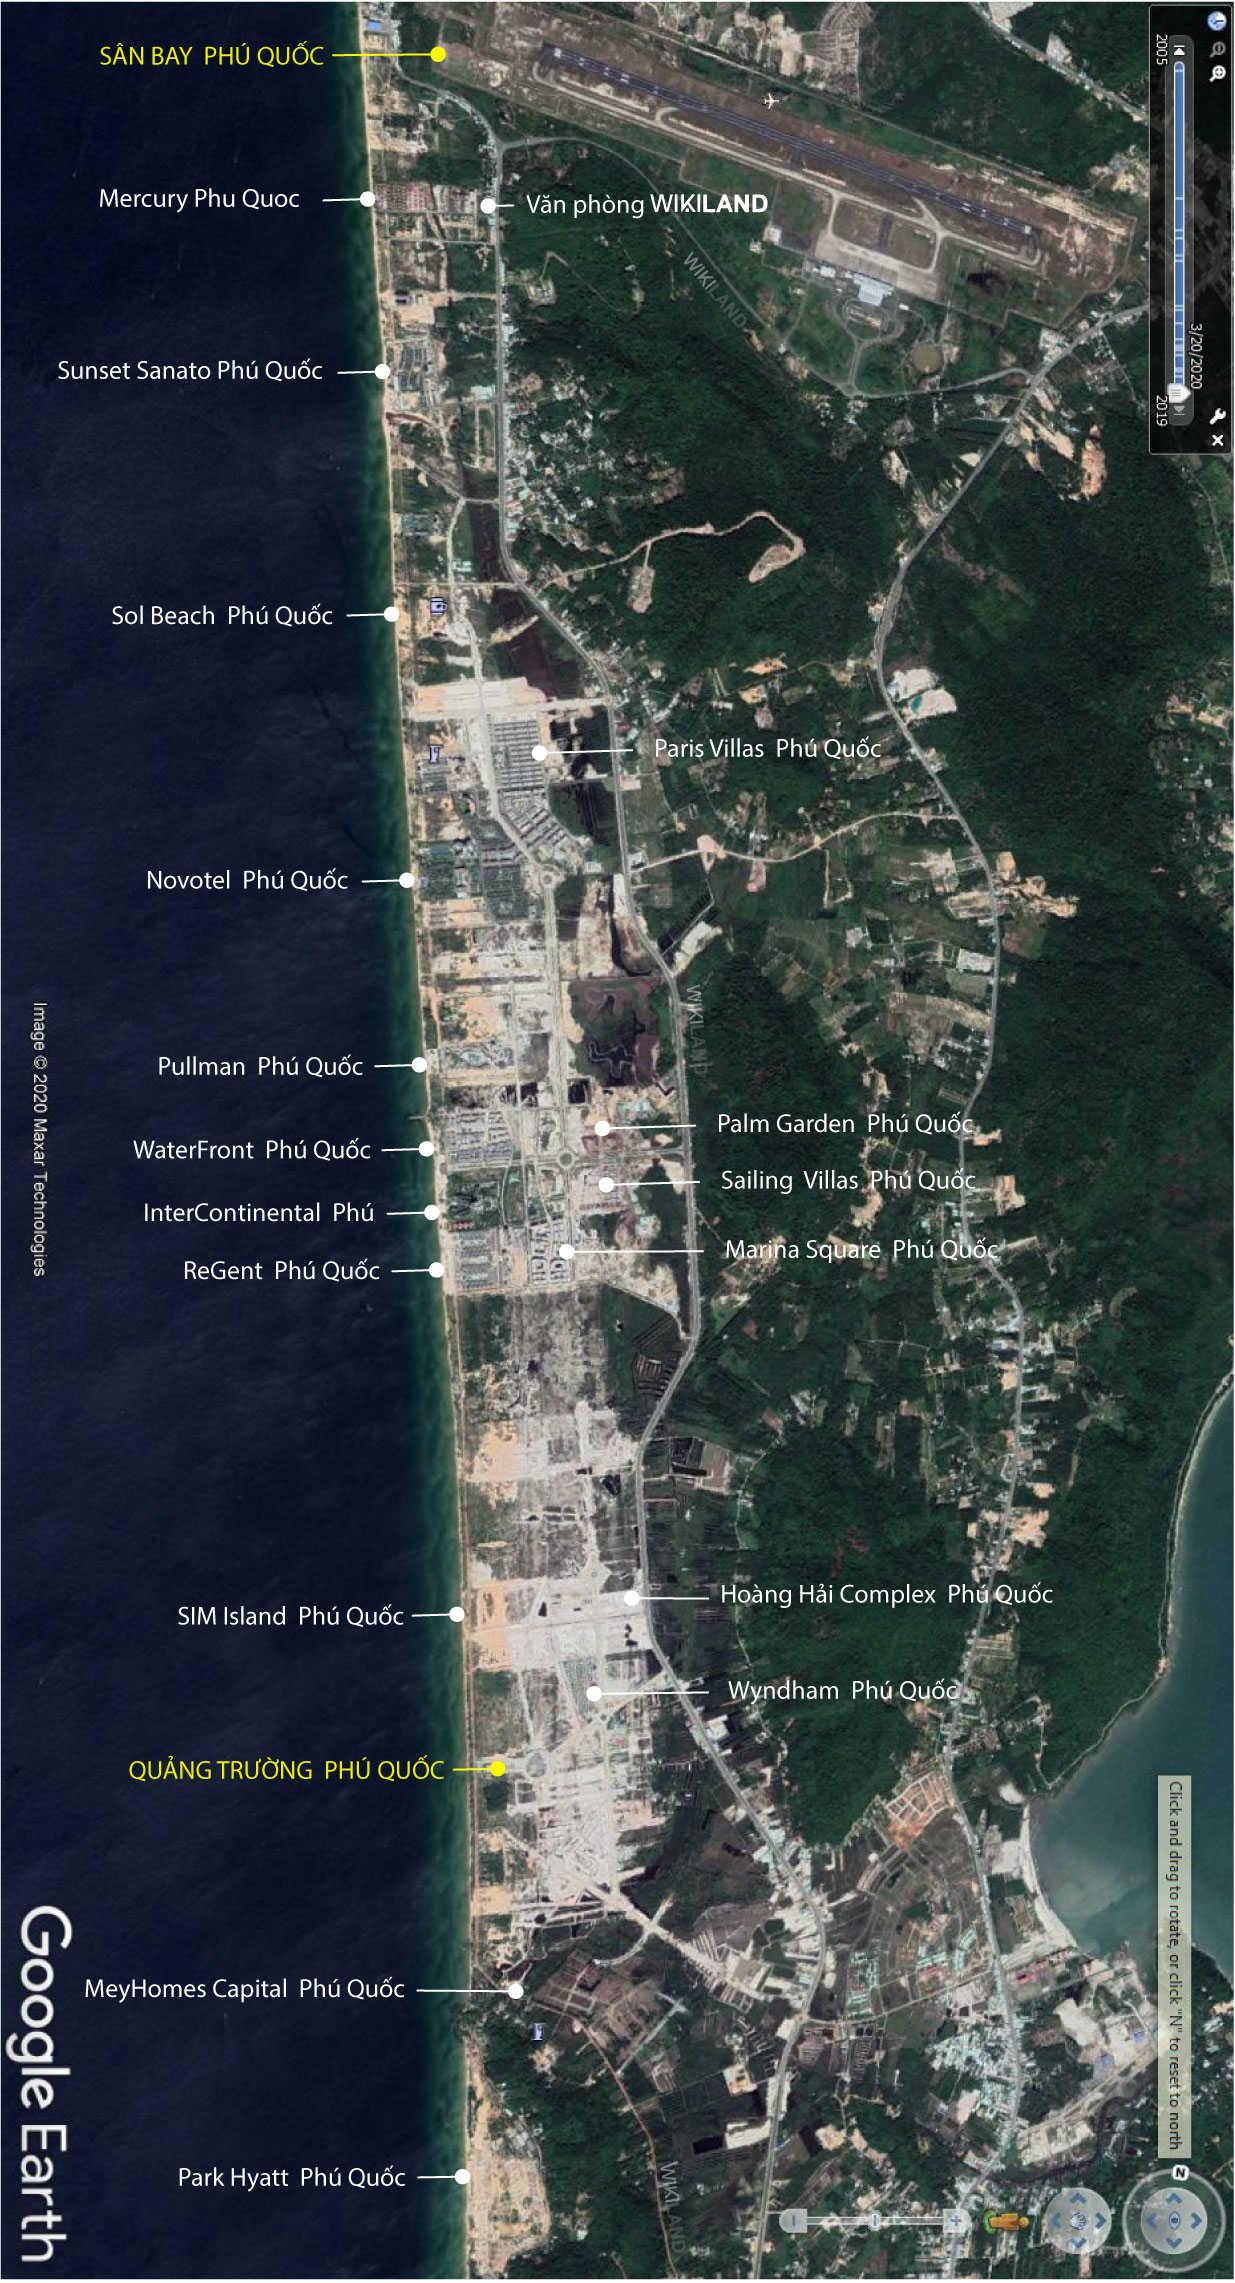 Bản đồ vệ tinh Bãi Trường, Phú Quốc được cập nhật 16/11/2019